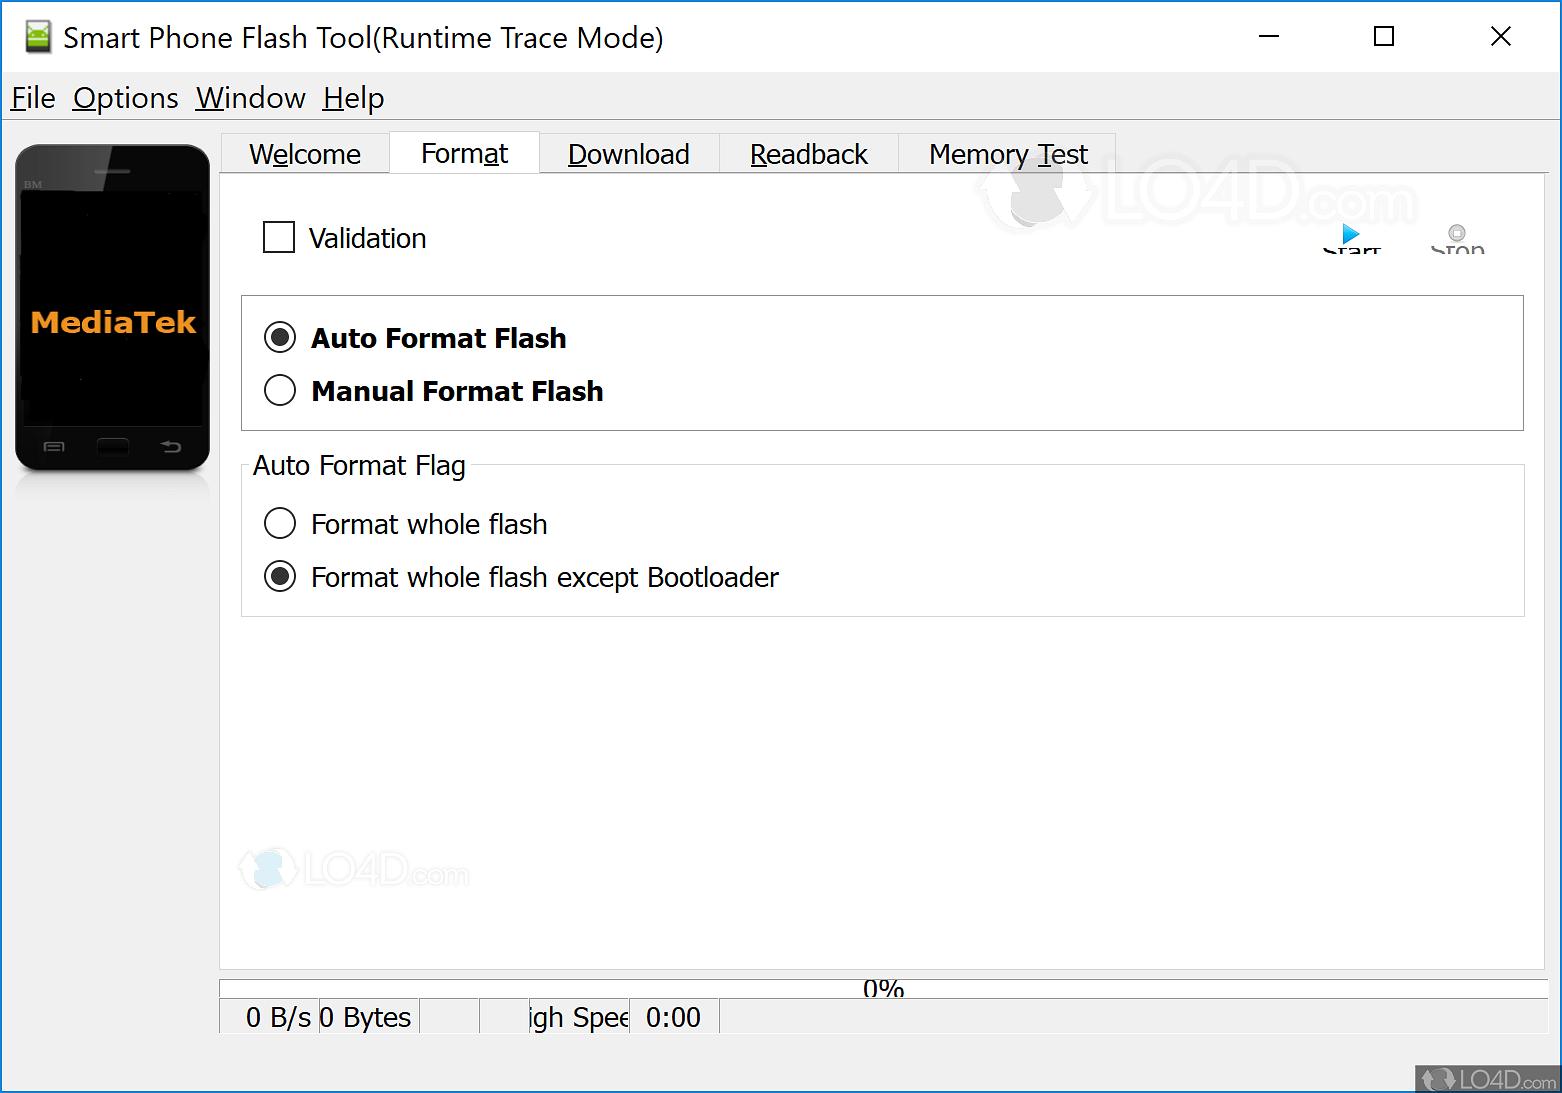 smartphone flash tool - LO4D com